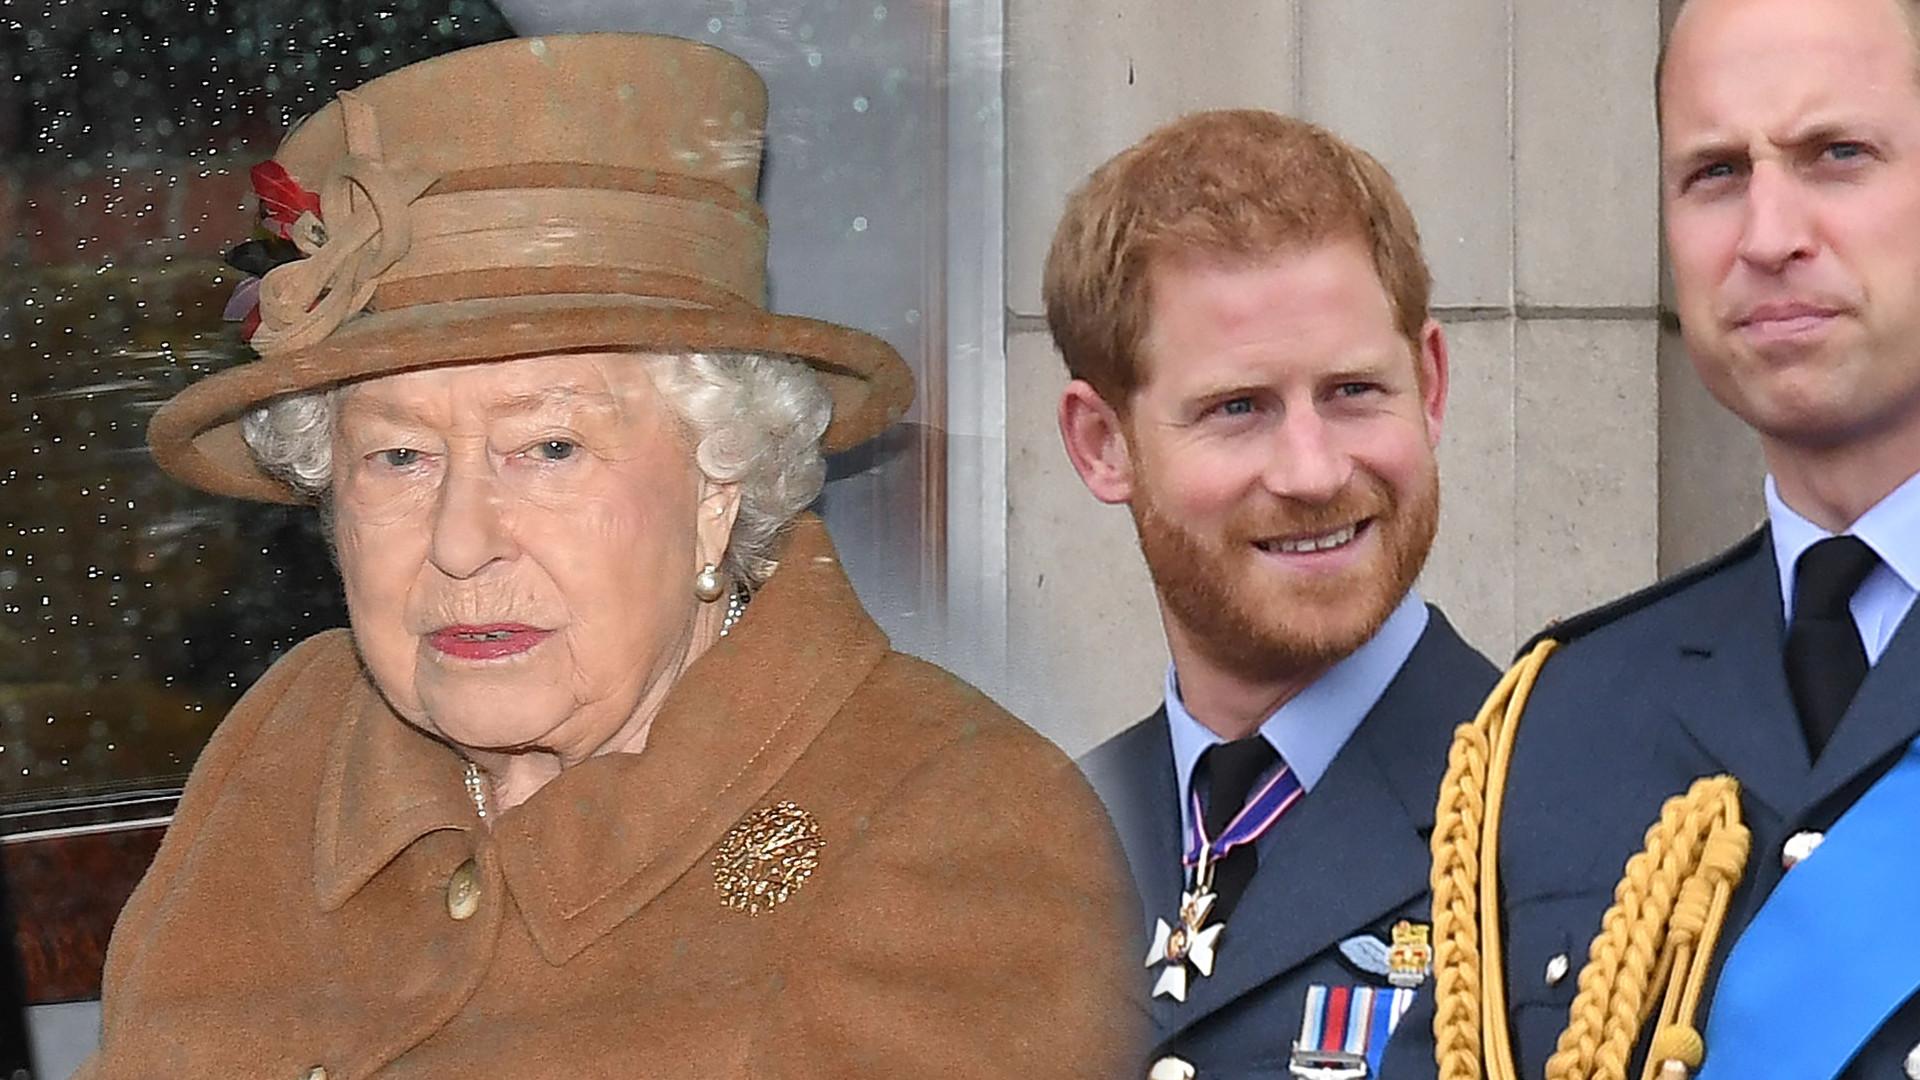 Królowa Elżbieta ma najgorszy kontakt z TYM wnukiem. To duże zaskoczenie